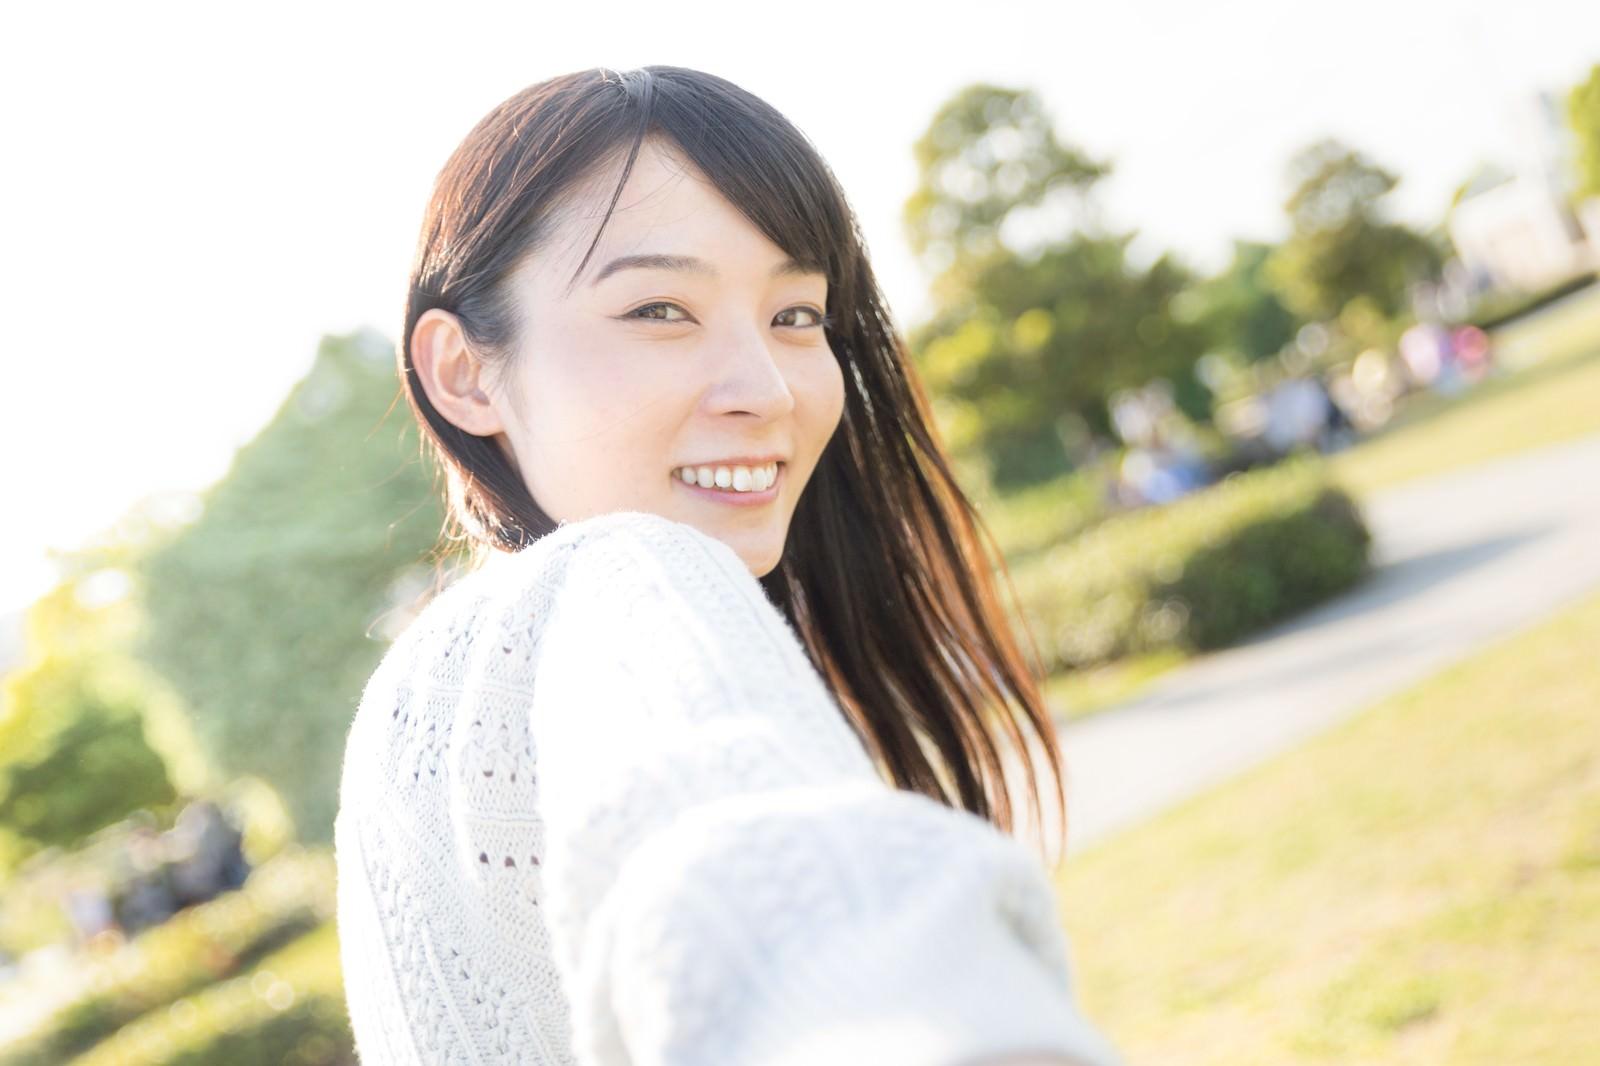 【2019最新】40代男性にオススメなマッチングアプリ9選【解説付】